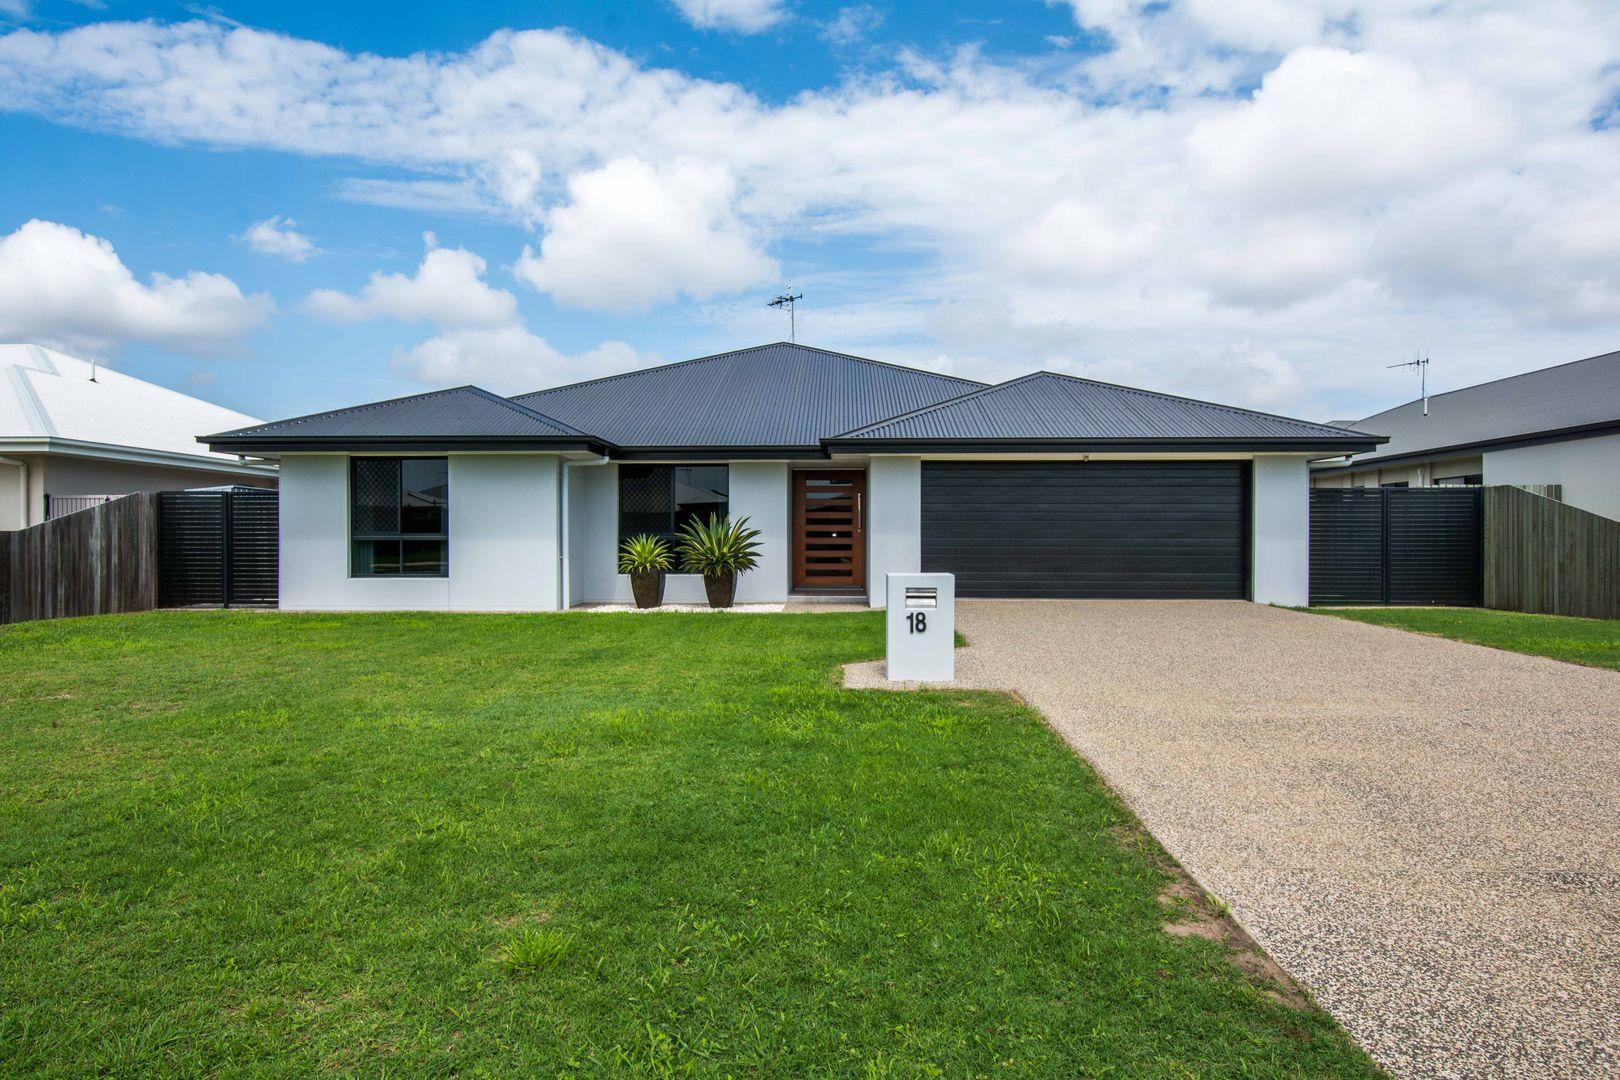 18 Beech Links Drive, Ashfield QLD 4670, Image 0